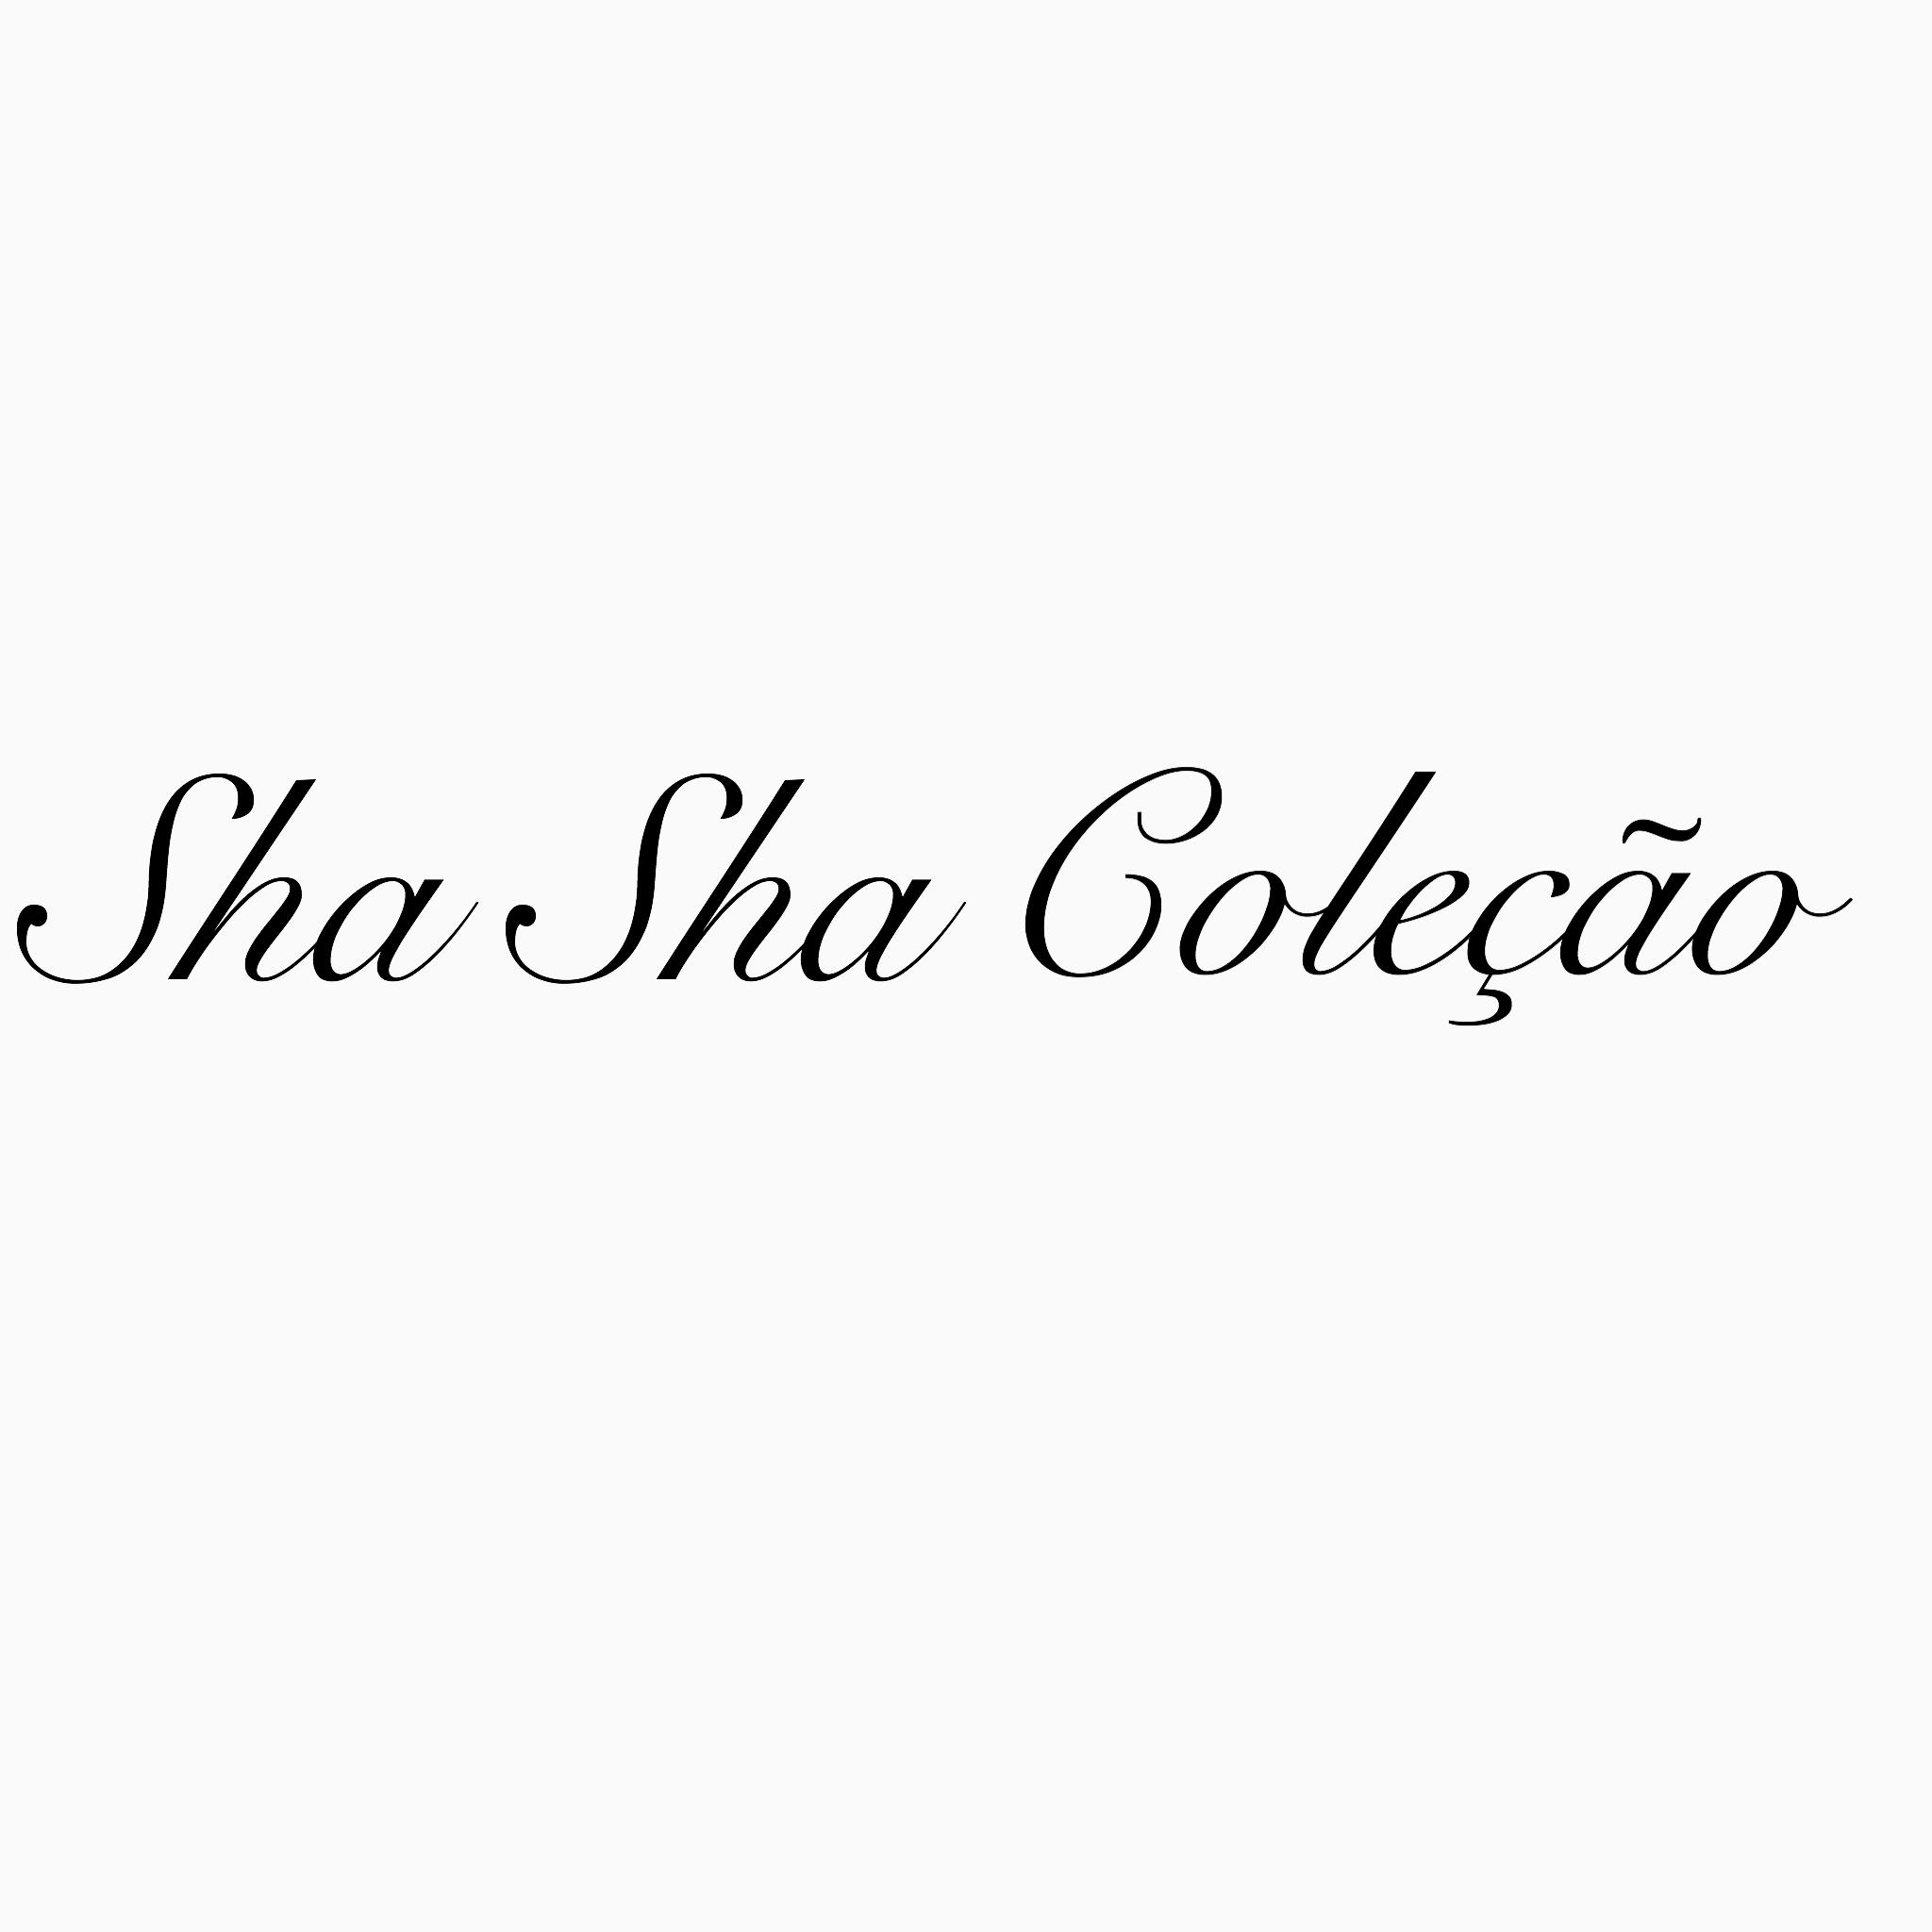 Sha Sha COLEÇÃO's Signature